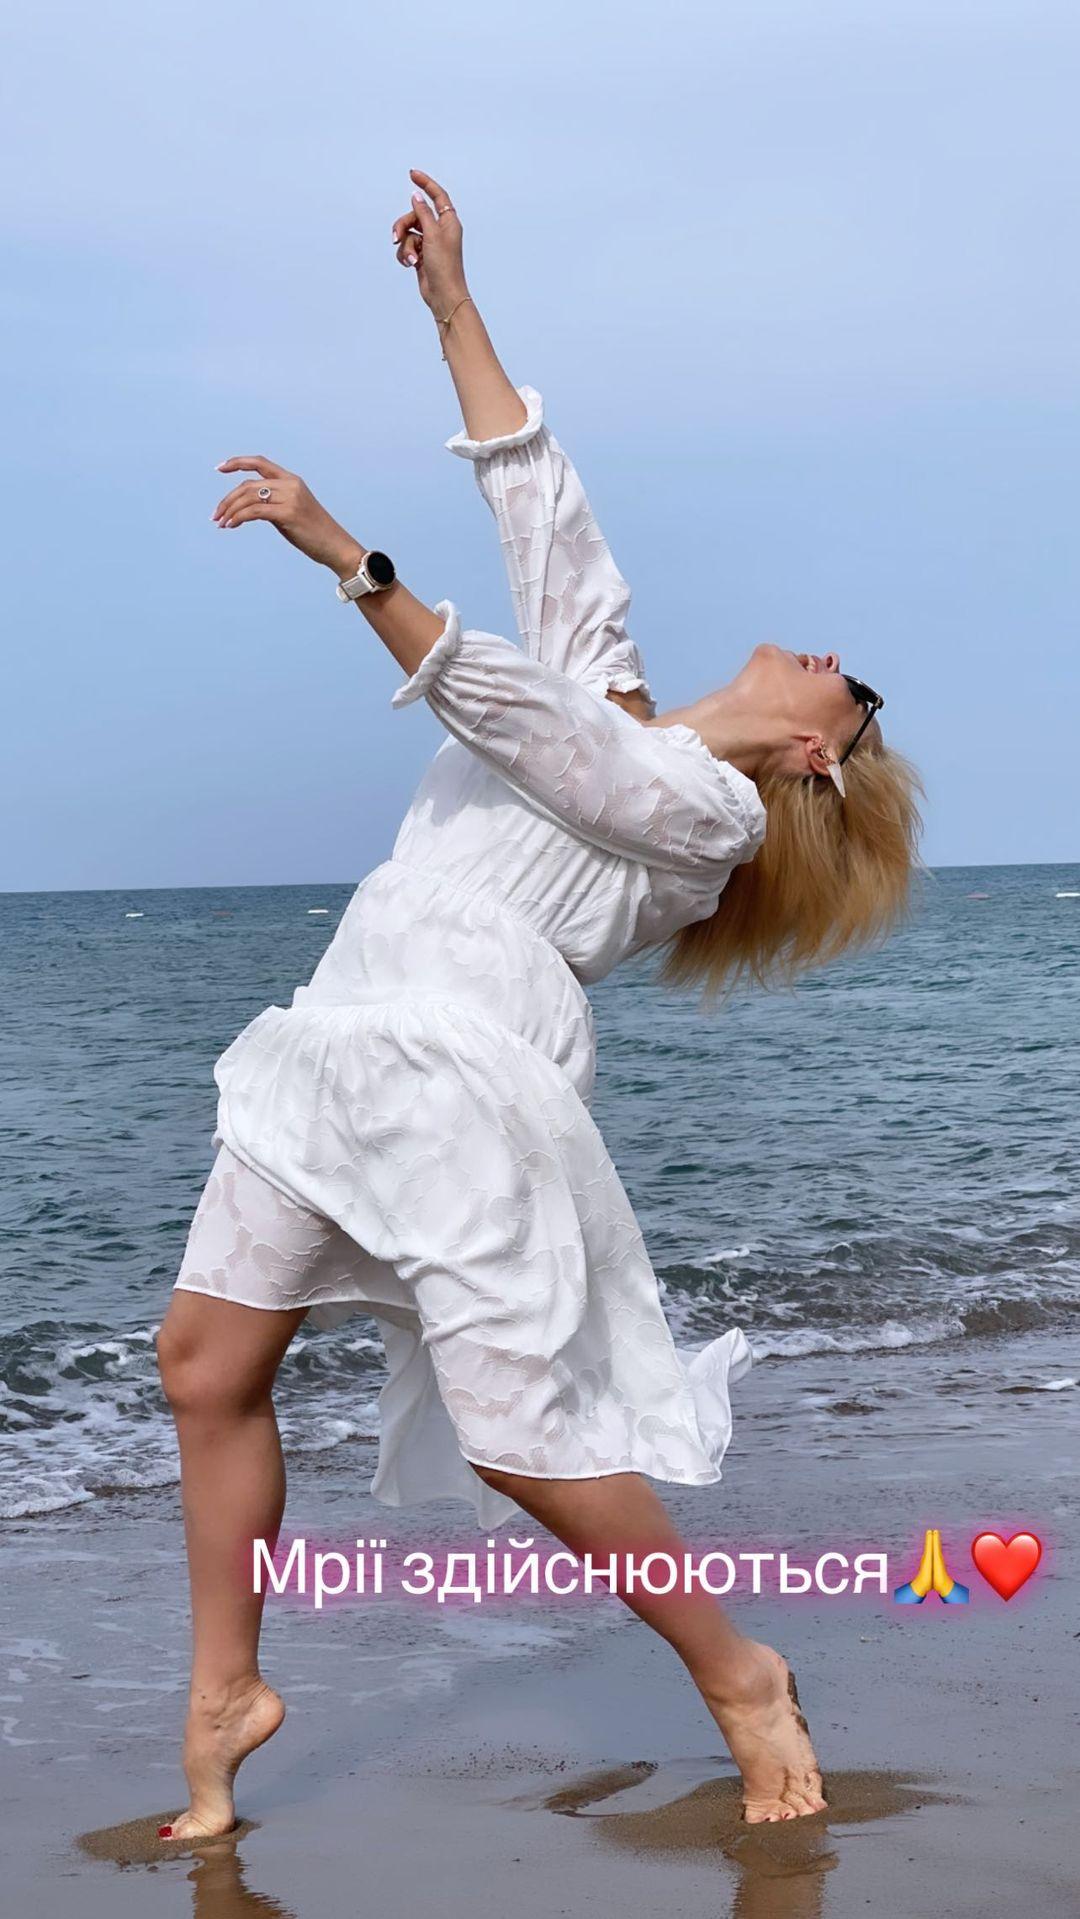 Лилия Ребрик отмечает 40-летие у моря: яркие семейные фото